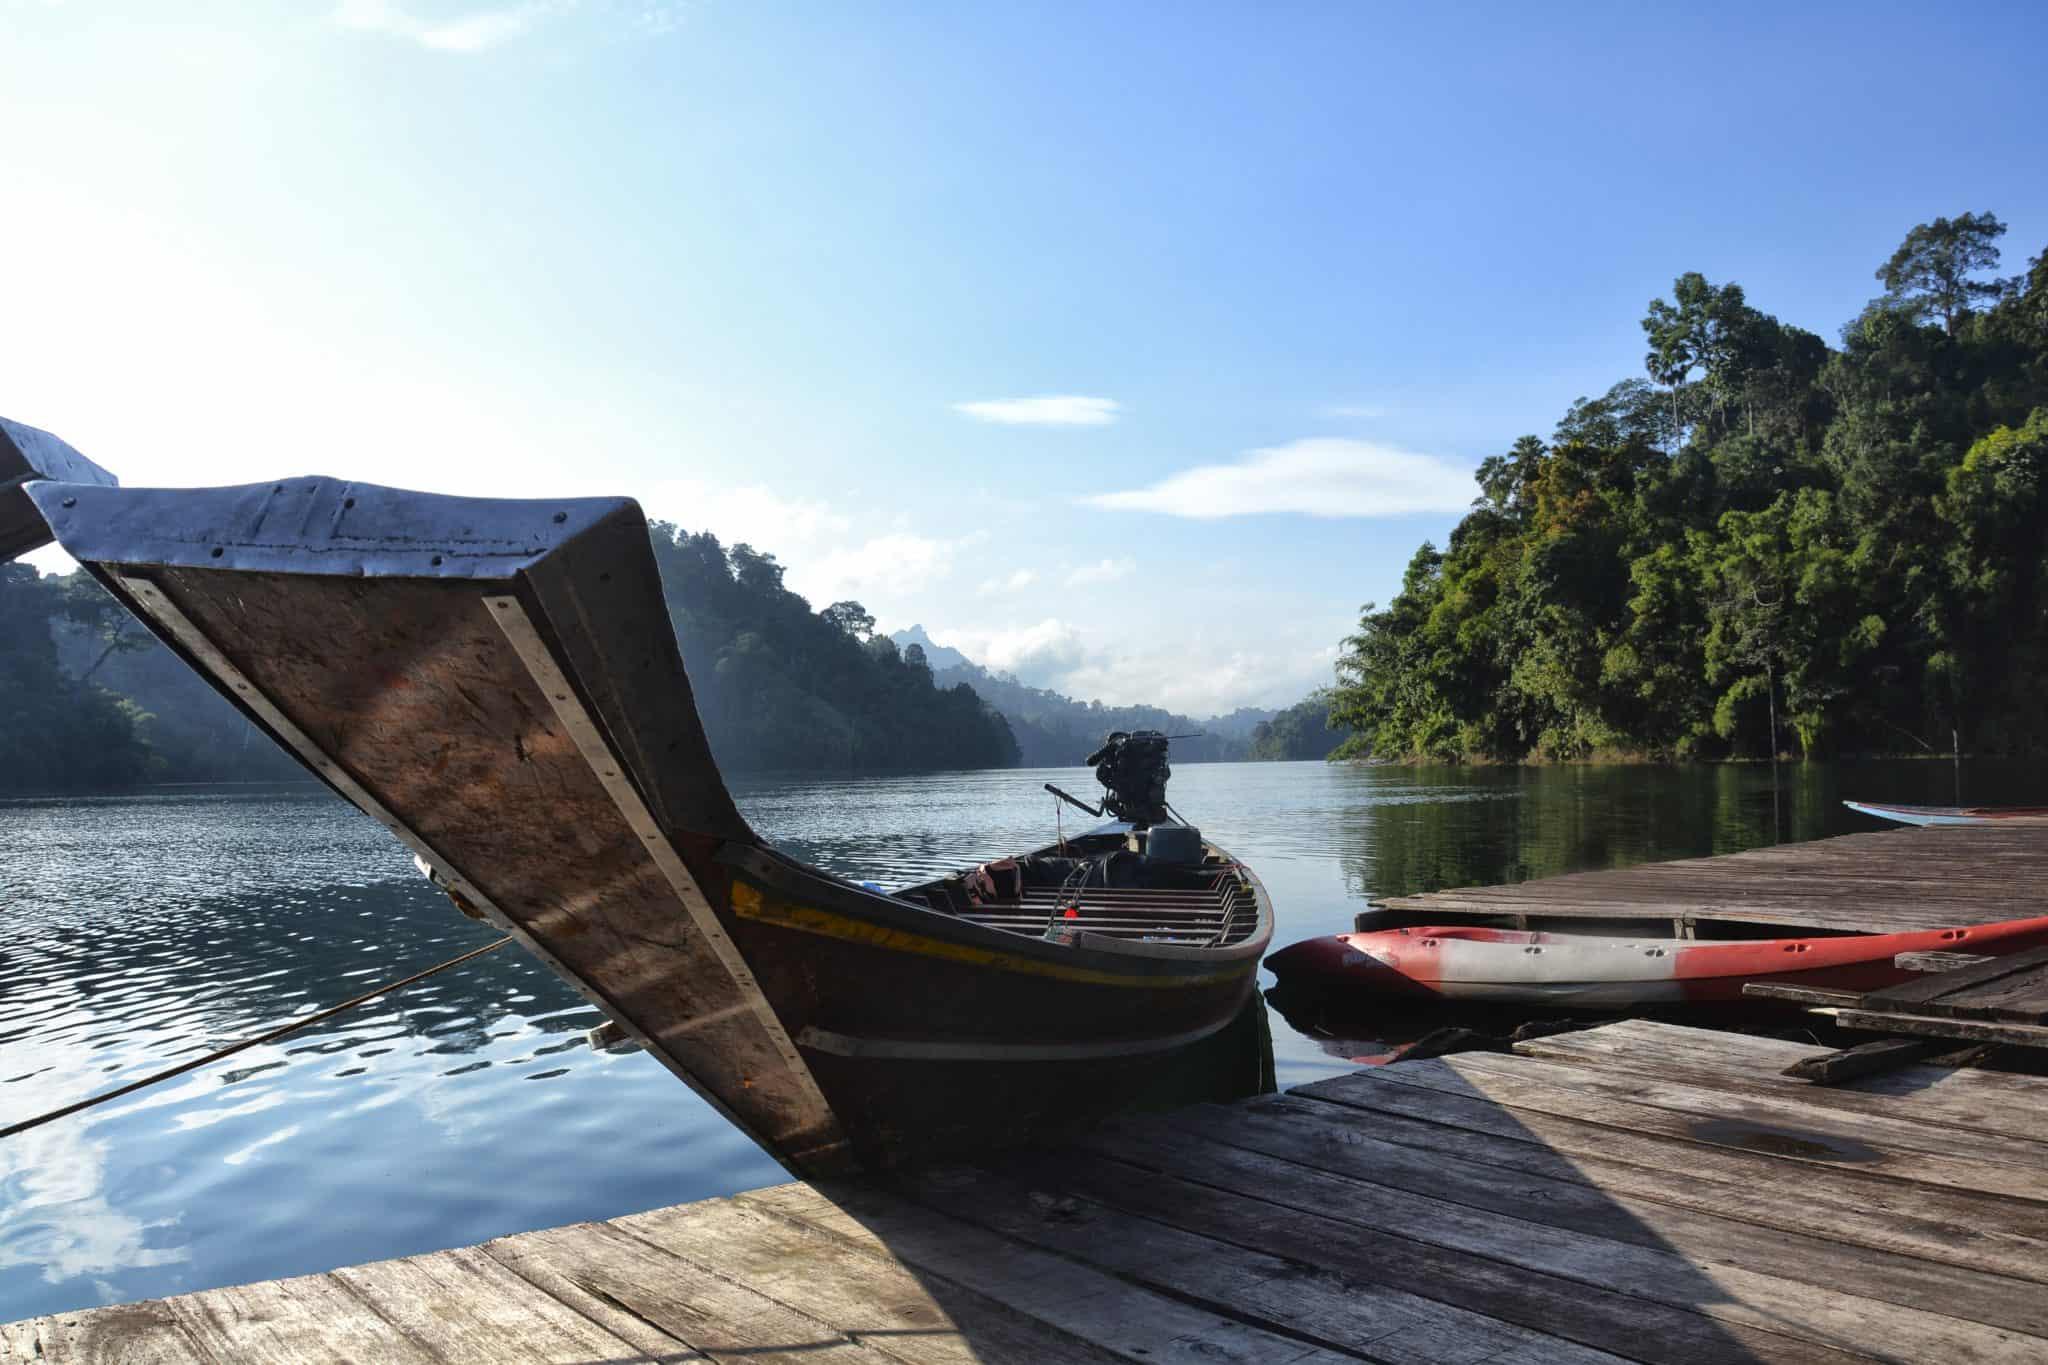 khao-sok-lake